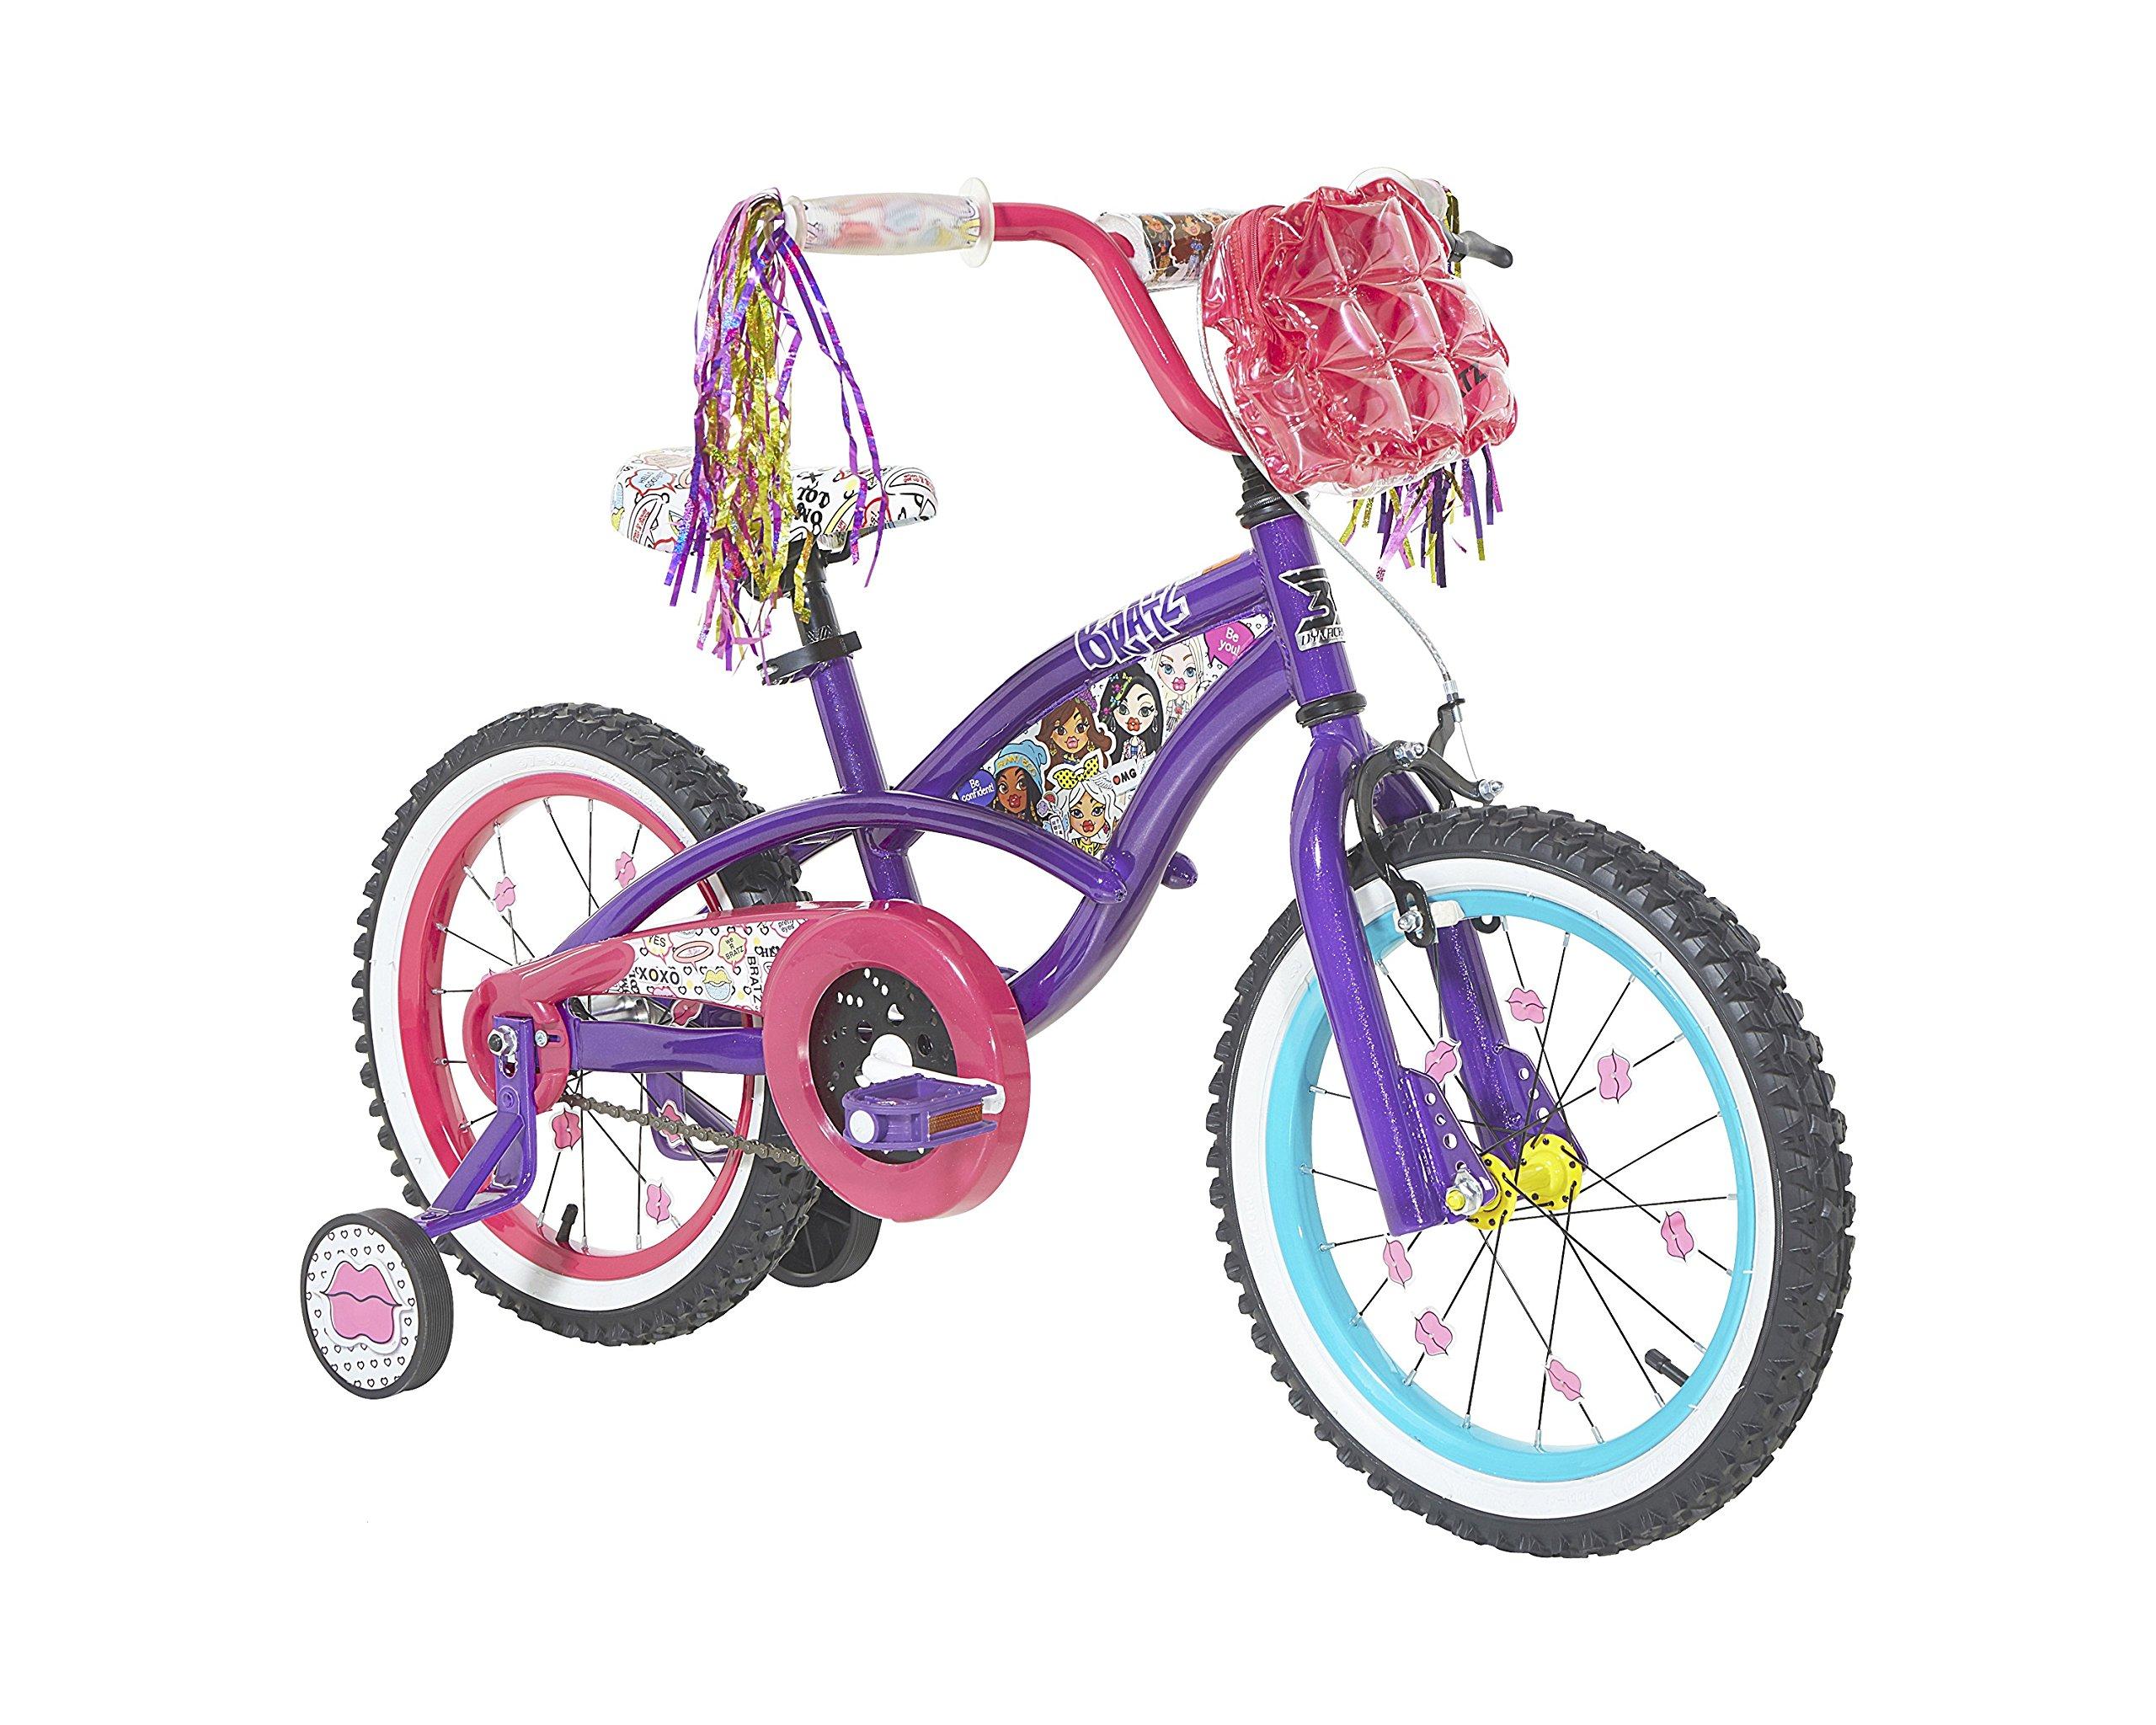 Bratz Girls Dynacraft Bike, Purple/Pink, 16''